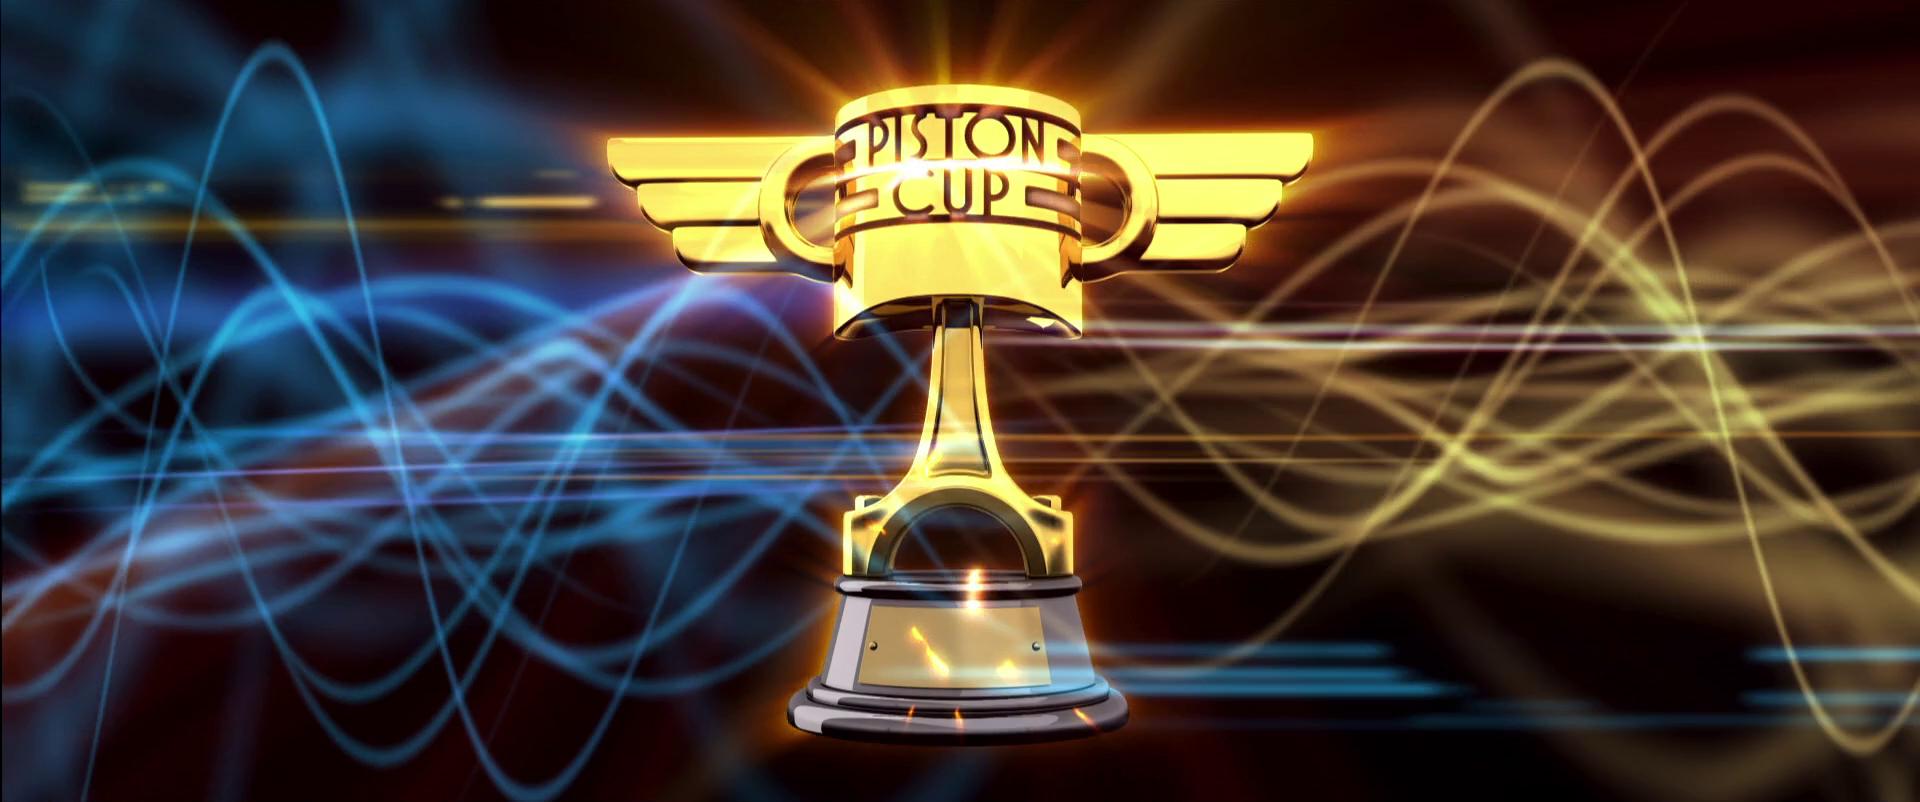 Piston Cup Pixar Wiki Fandom Powered By Wikia